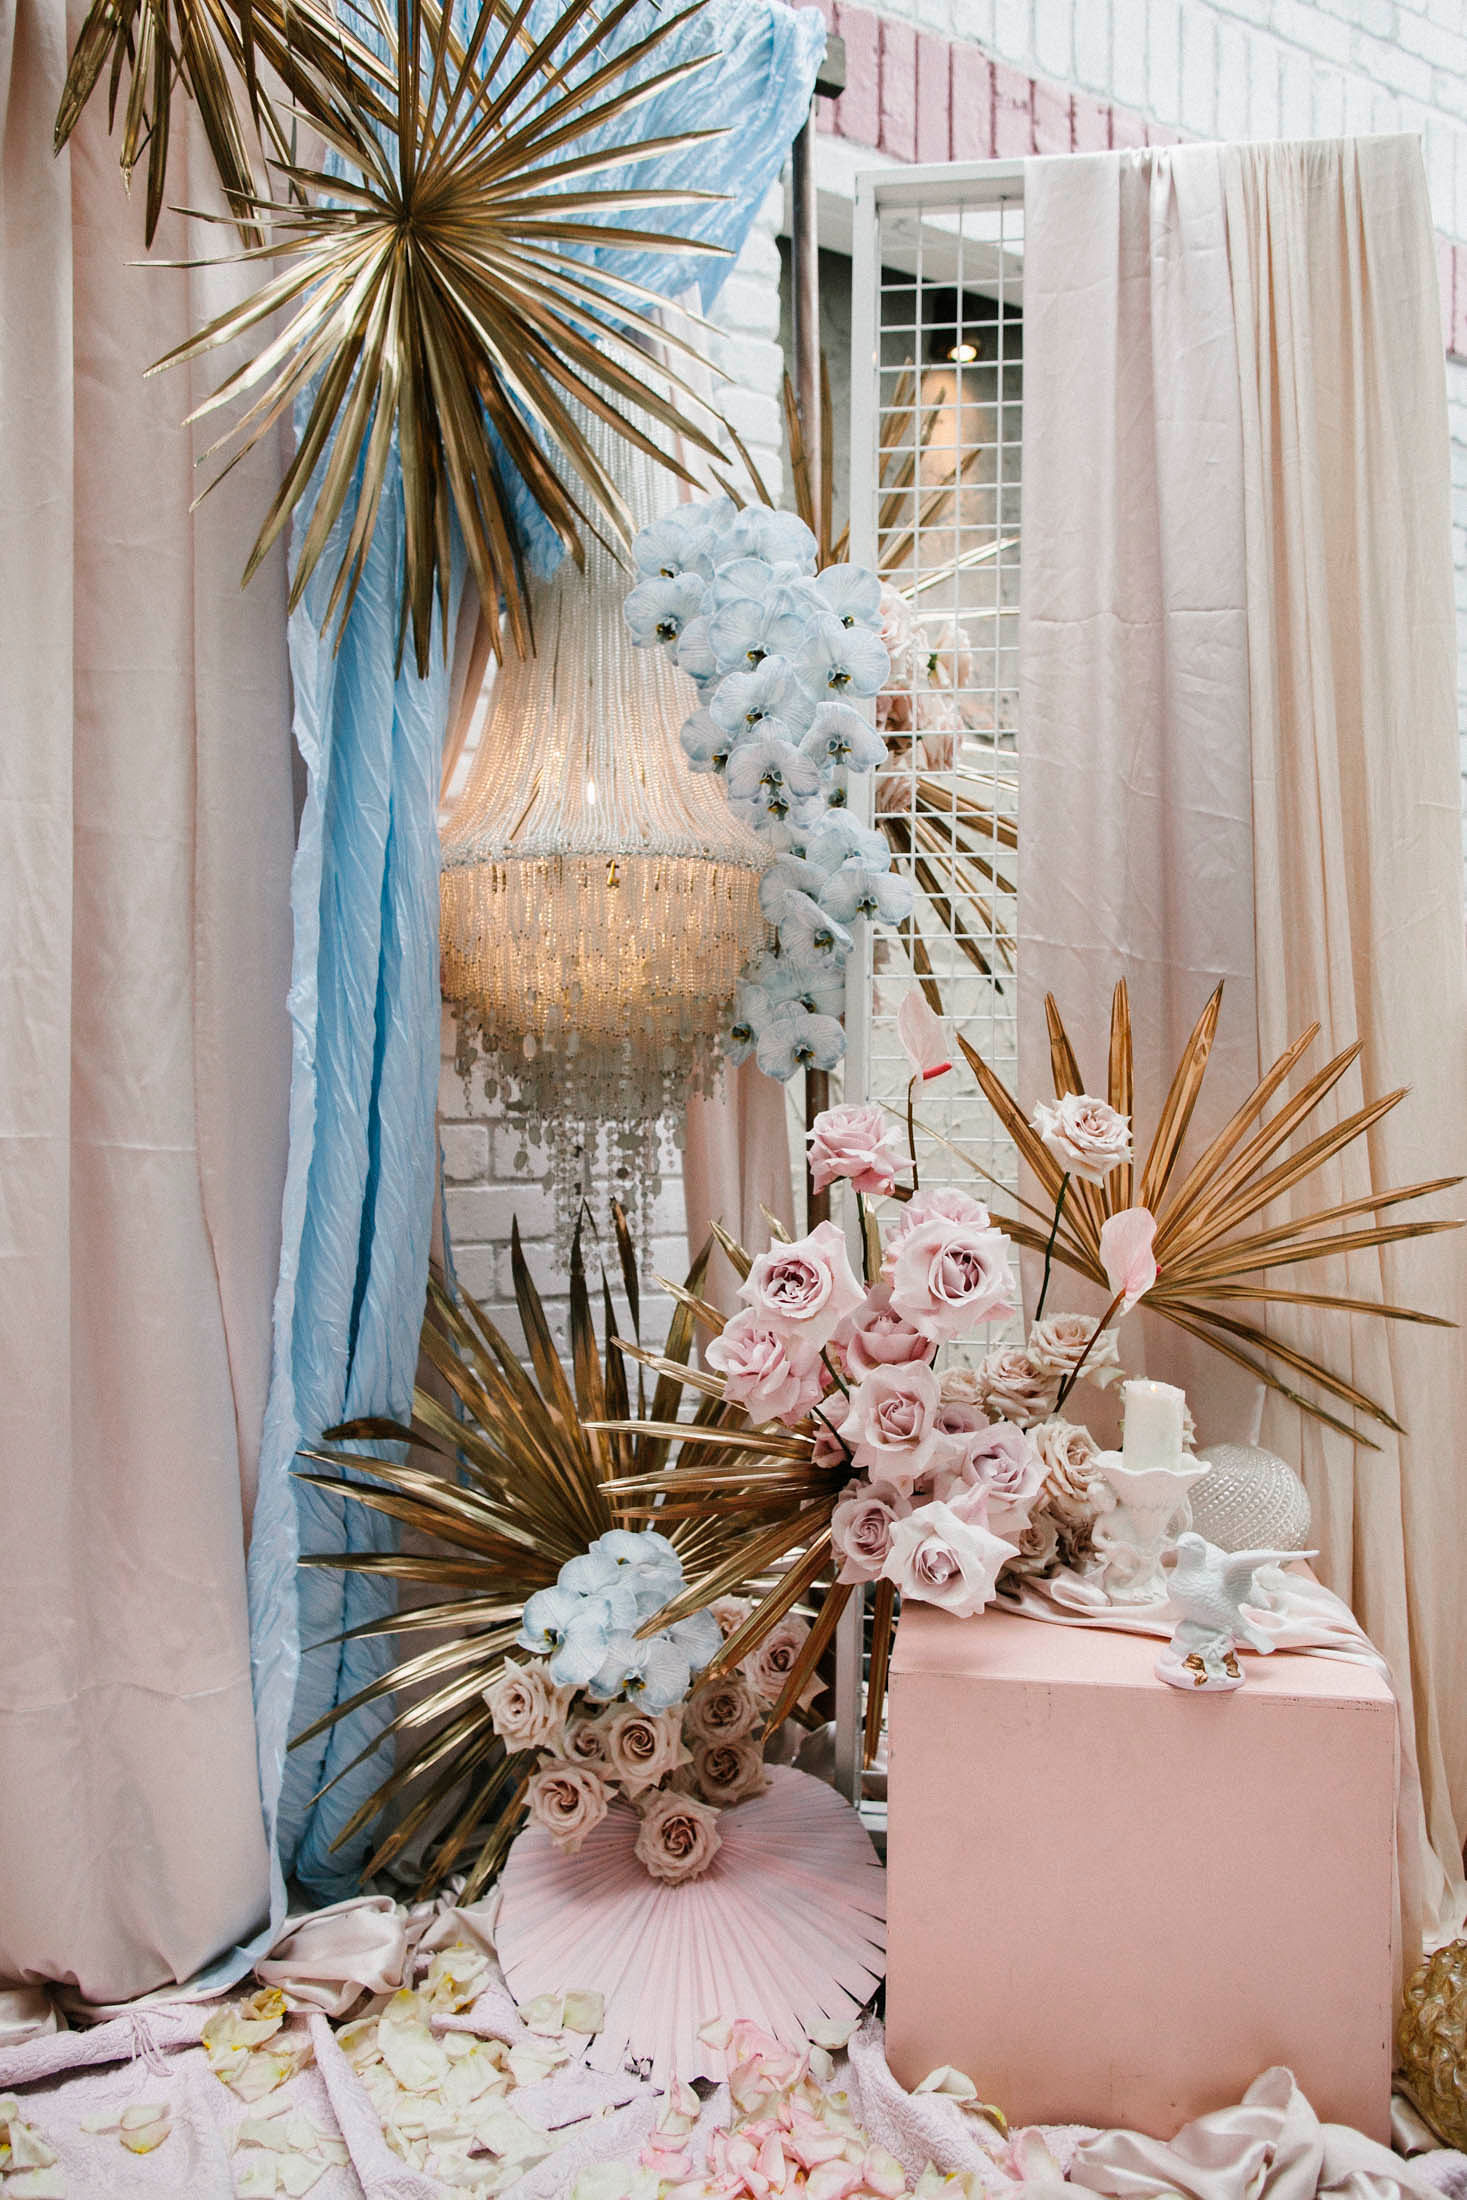 Lara + Cass Bohemian Blooms ceremony juliet's bedroom